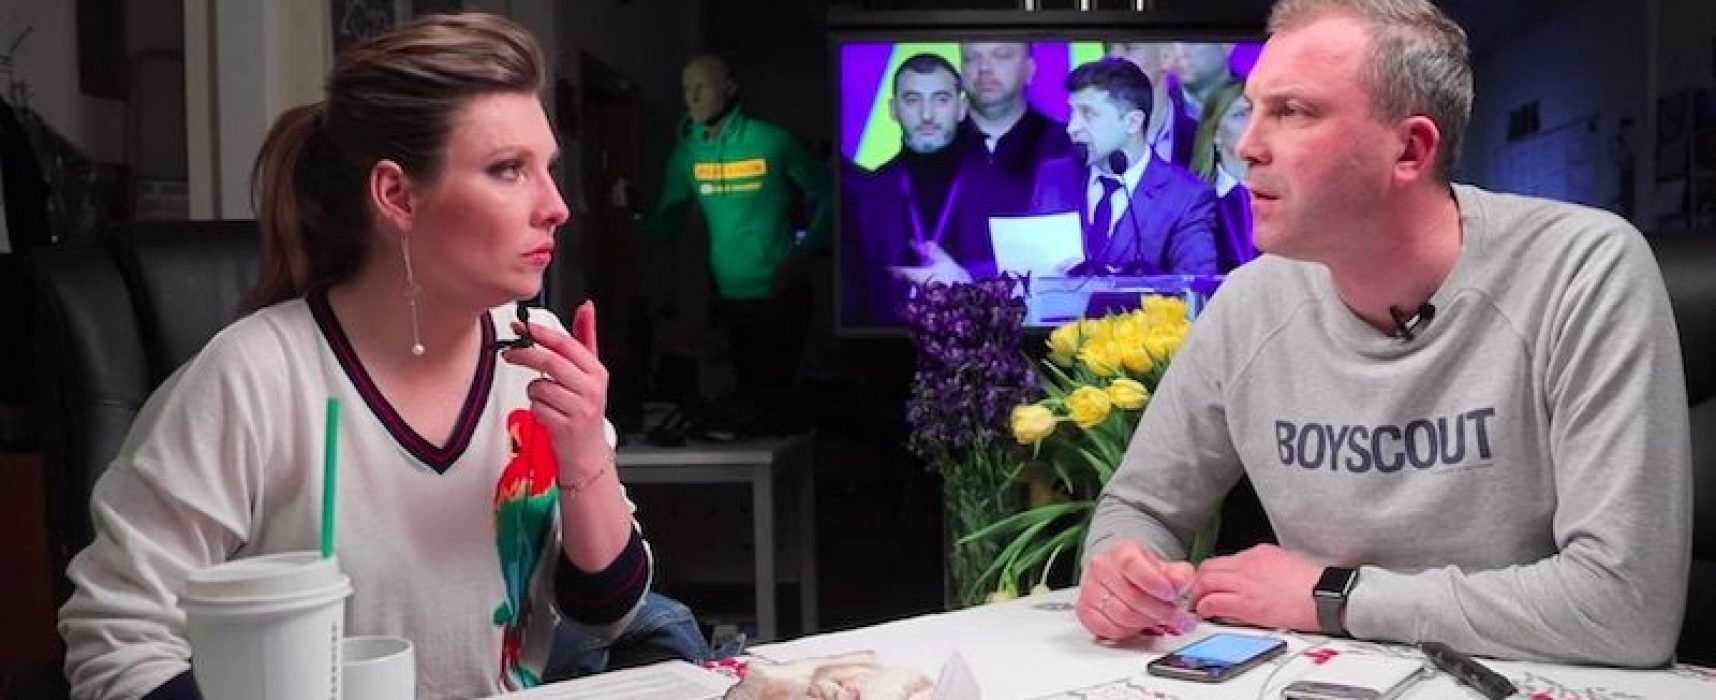 Rusos observan asombrados cómo humorista obtiene victoria arrolladora en elecciones presidenciales de Ucrania